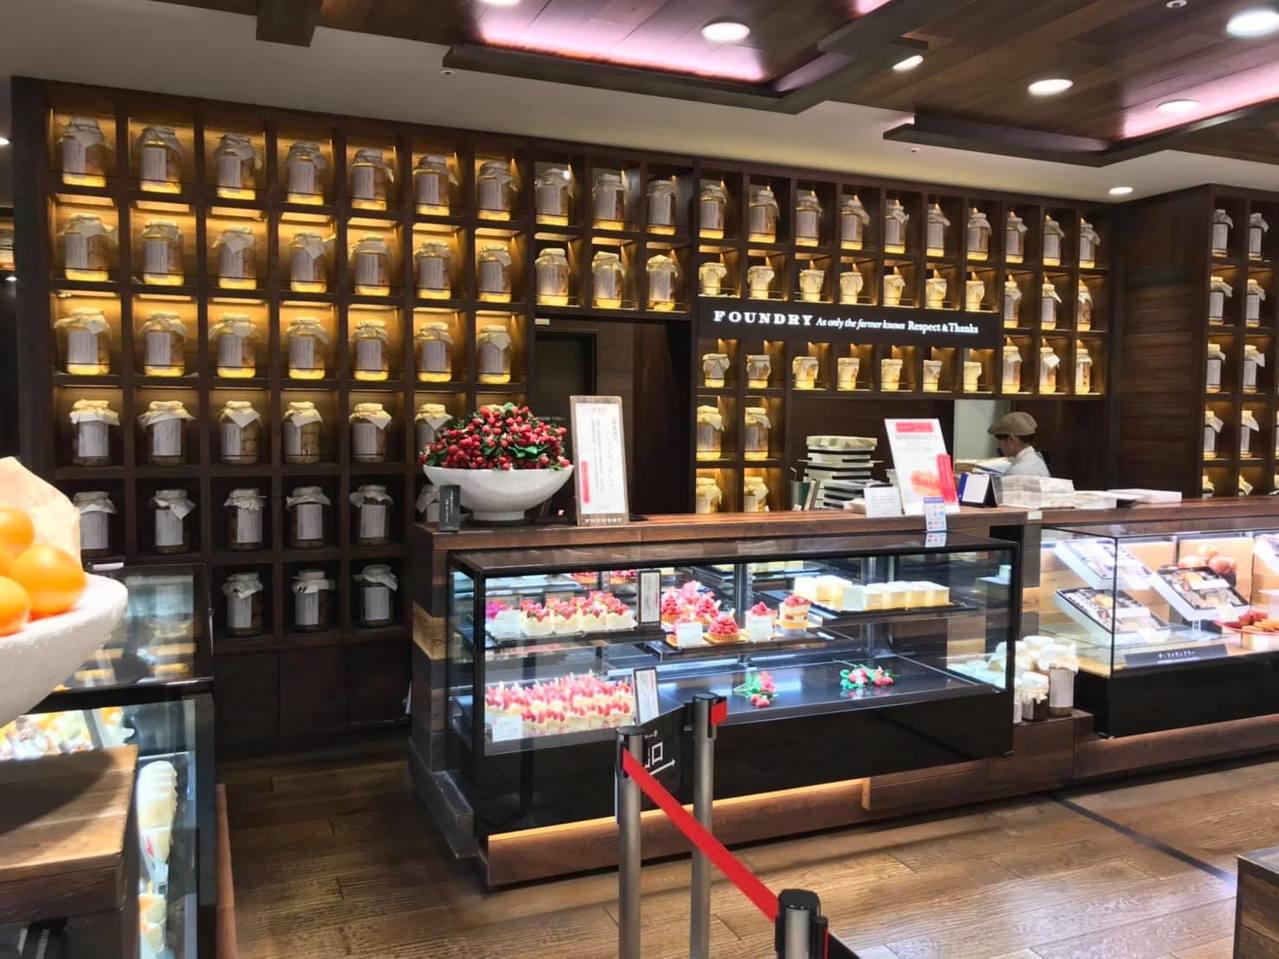 不少網友們覺得日本這家甜點店的裝潢很有「靈骨塔」風格。圖擷自爆廢公社